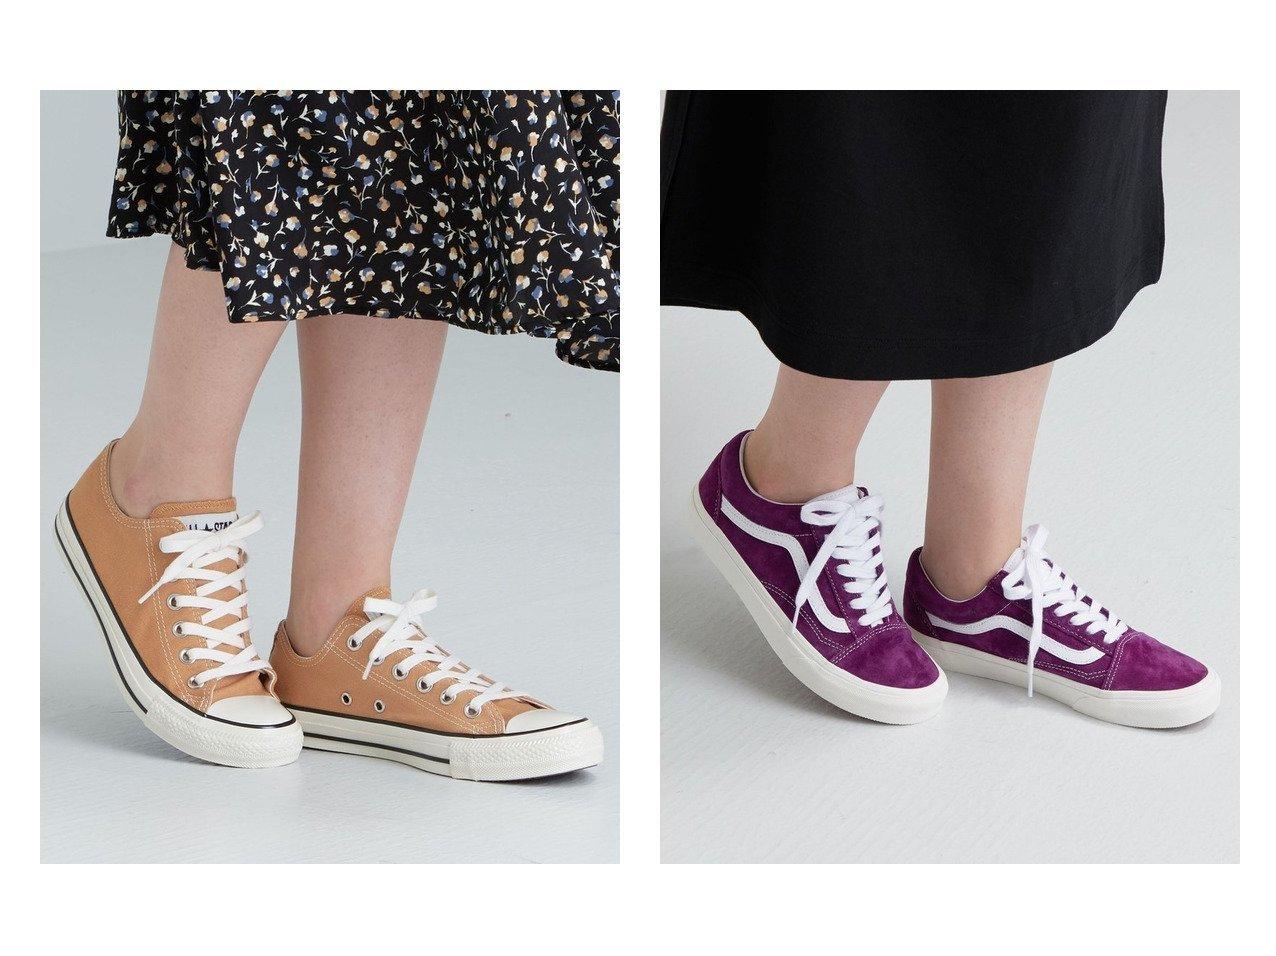 【green label relaxing / UNITED ARROWS/グリーンレーベル リラクシング / ユナイテッドアローズ】のコンバース CONVERSE SC US オリジネーター COLORS OX スニーカー&バンズ VANS OLD SKOOL SC スエード スニーカー シューズ・靴のおすすめ!人気、トレンド・レディースファッションの通販 おすすめで人気の流行・トレンド、ファッションの通販商品 メンズファッション・キッズファッション・インテリア・家具・レディースファッション・服の通販 founy(ファニー) https://founy.com/ ファッション Fashion レディースファッション WOMEN ウォッシュ キャンバス サテン シャツワンピ シューズ シンプル スニーカー スリッポン ターコイズ デニム 定番 Standard 人気 ラバー A/W 秋冬 AW Autumn/Winter / FW Fall-Winter コーデュロイ スエード パープル  ID:crp329100000012452